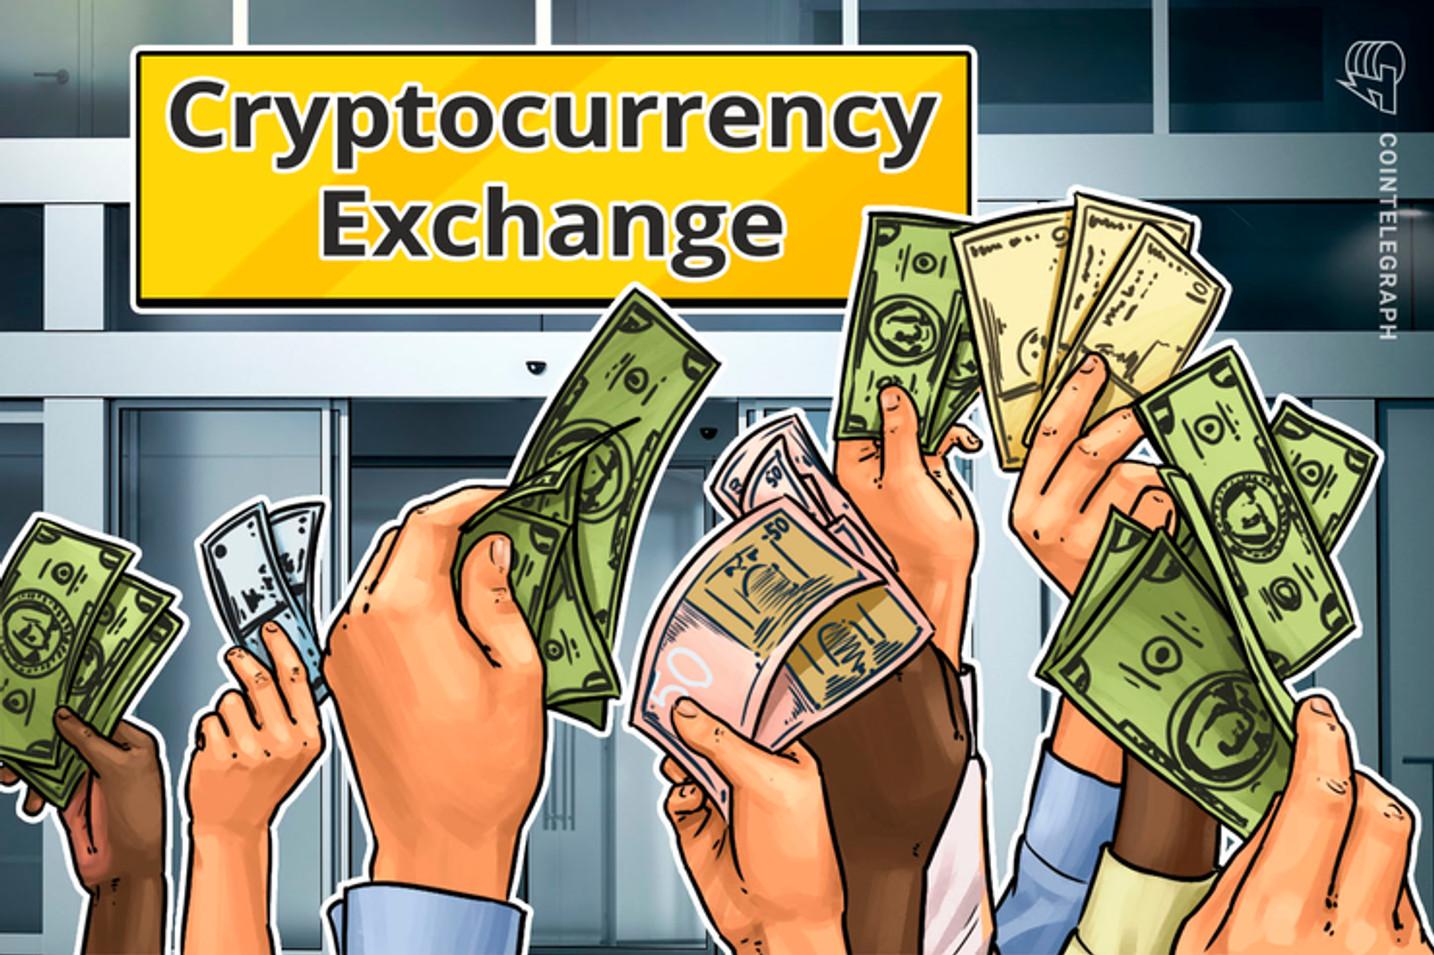 Venda de 'BitAtlas', funciona e clientes relatam sucesso em receber reais na conta bancária; cotação chegou em R$ 8 mil